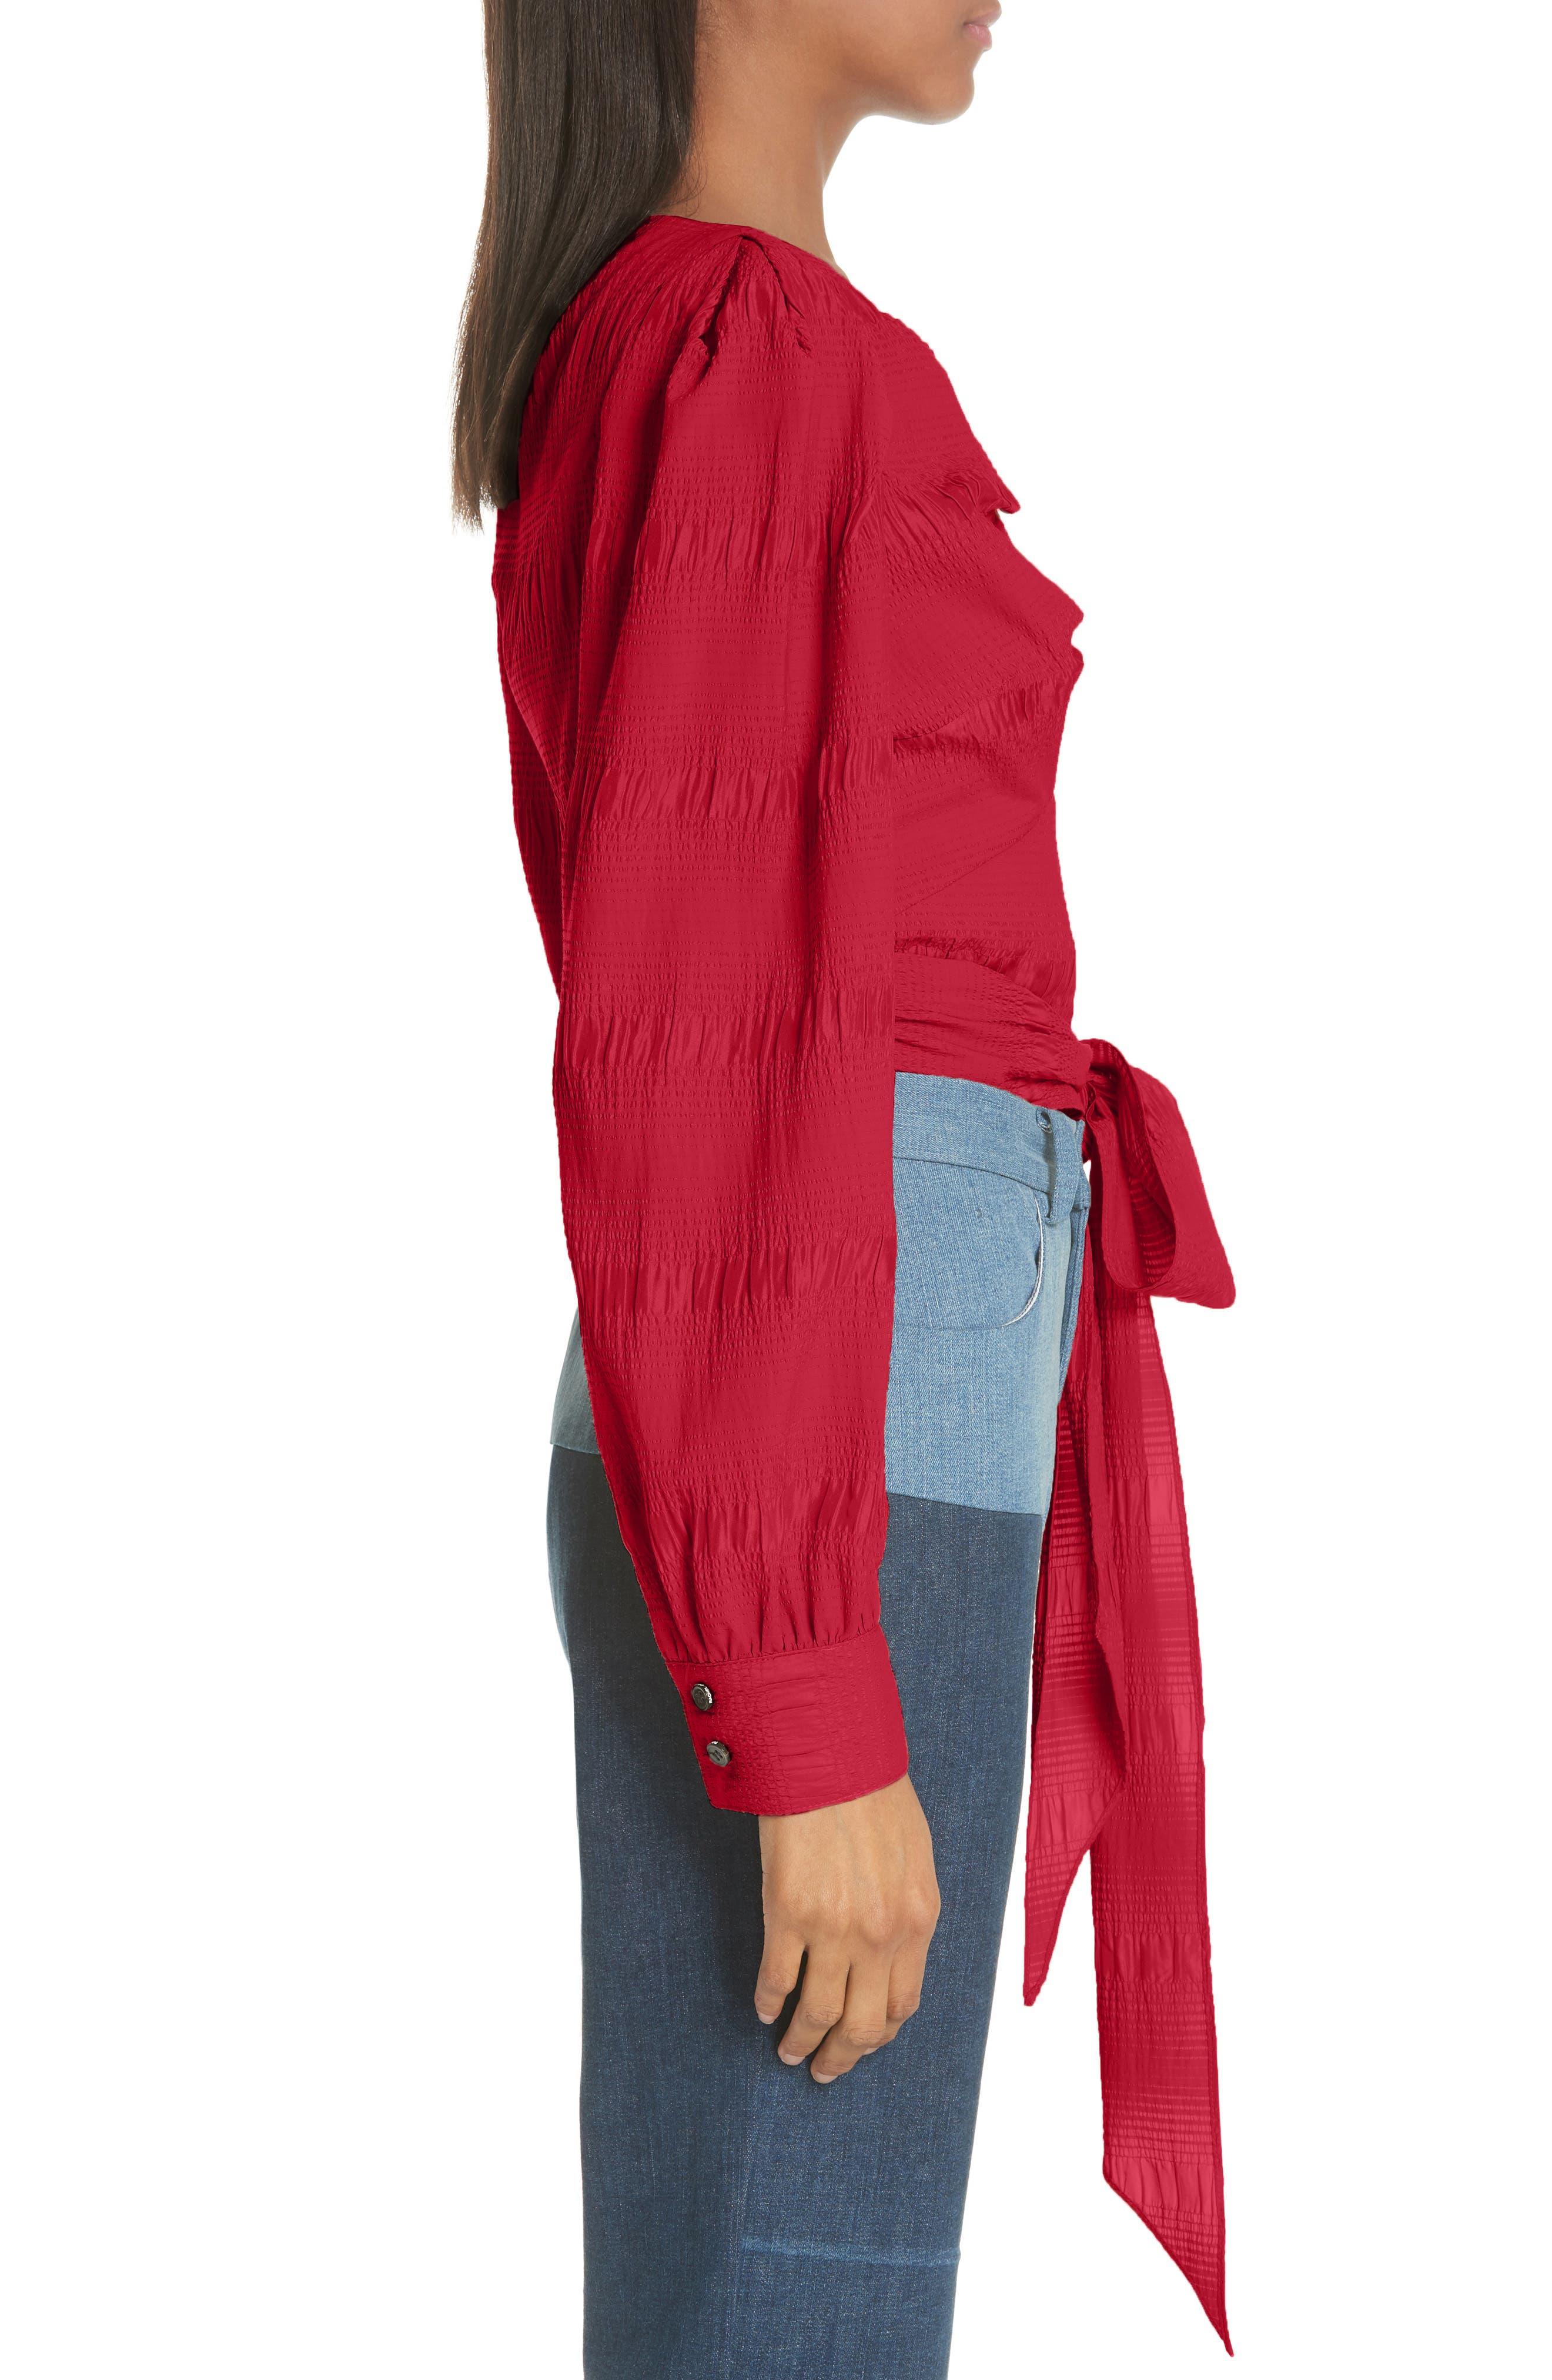 RACHEL COMEY,                             Bounds Tie Waist Silk Blend Top,                             Alternate thumbnail 3, color,                             600